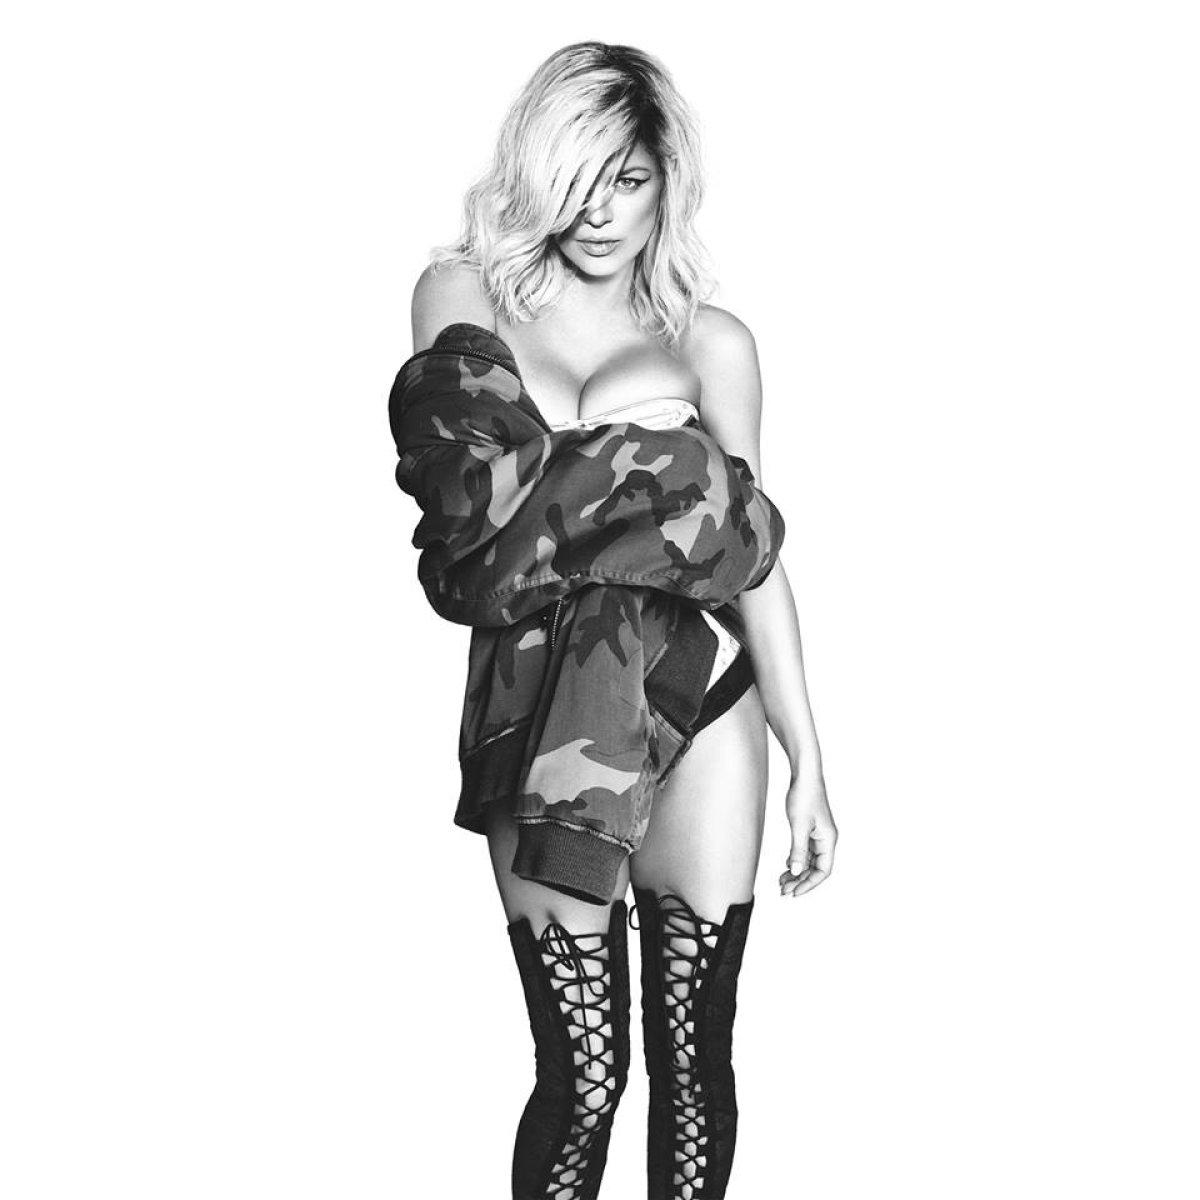 Fergie Desnuda A Kim Kardashian Ciara Chrissy Teigen Para El Video